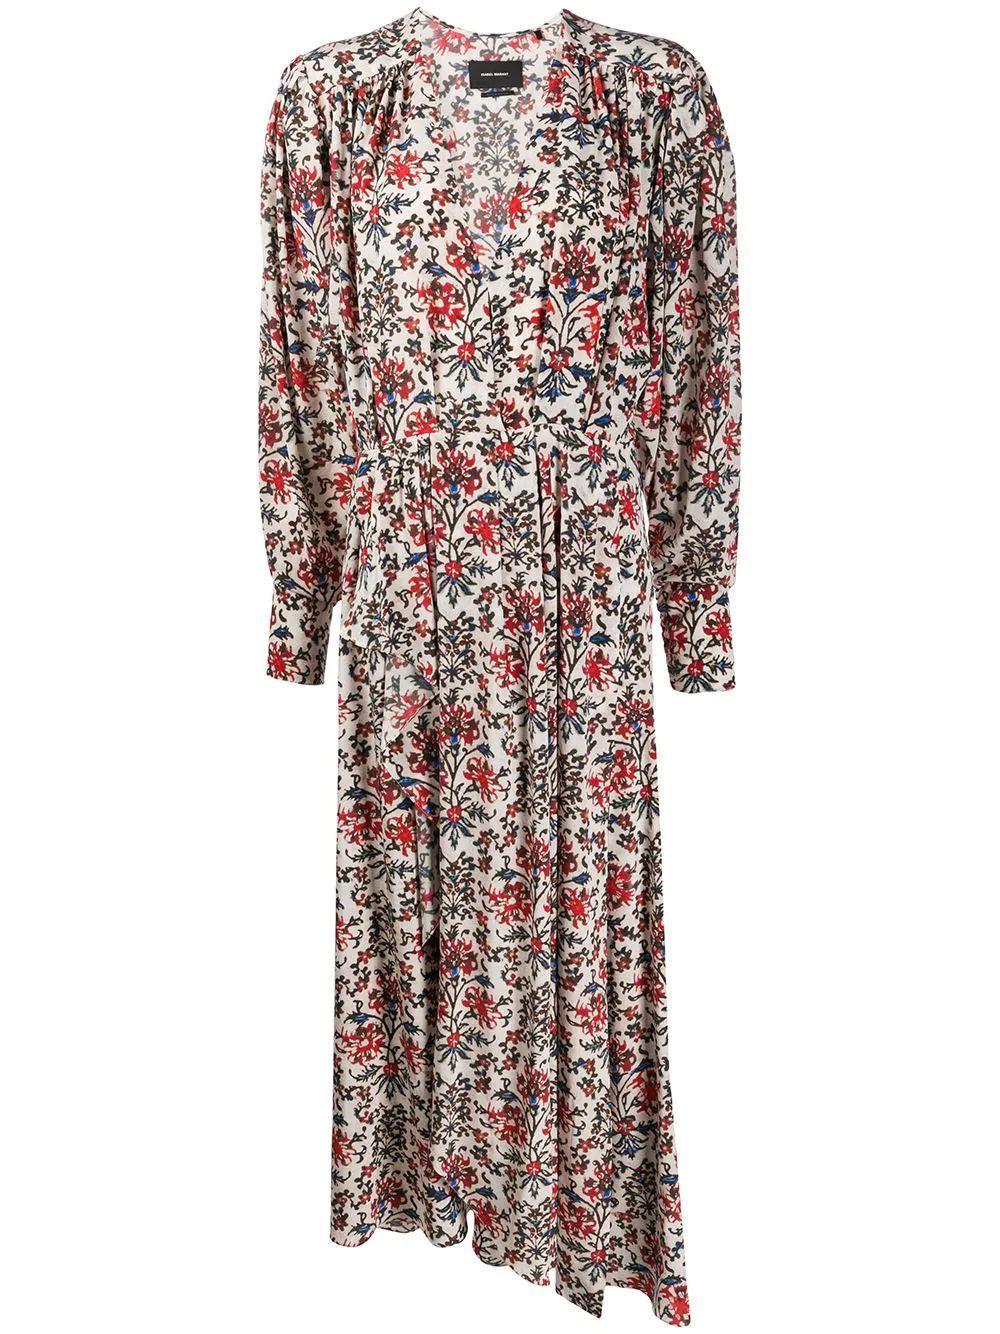 Long Sleeve V Neck Floral Printed Dress Item # BLAINE-R20